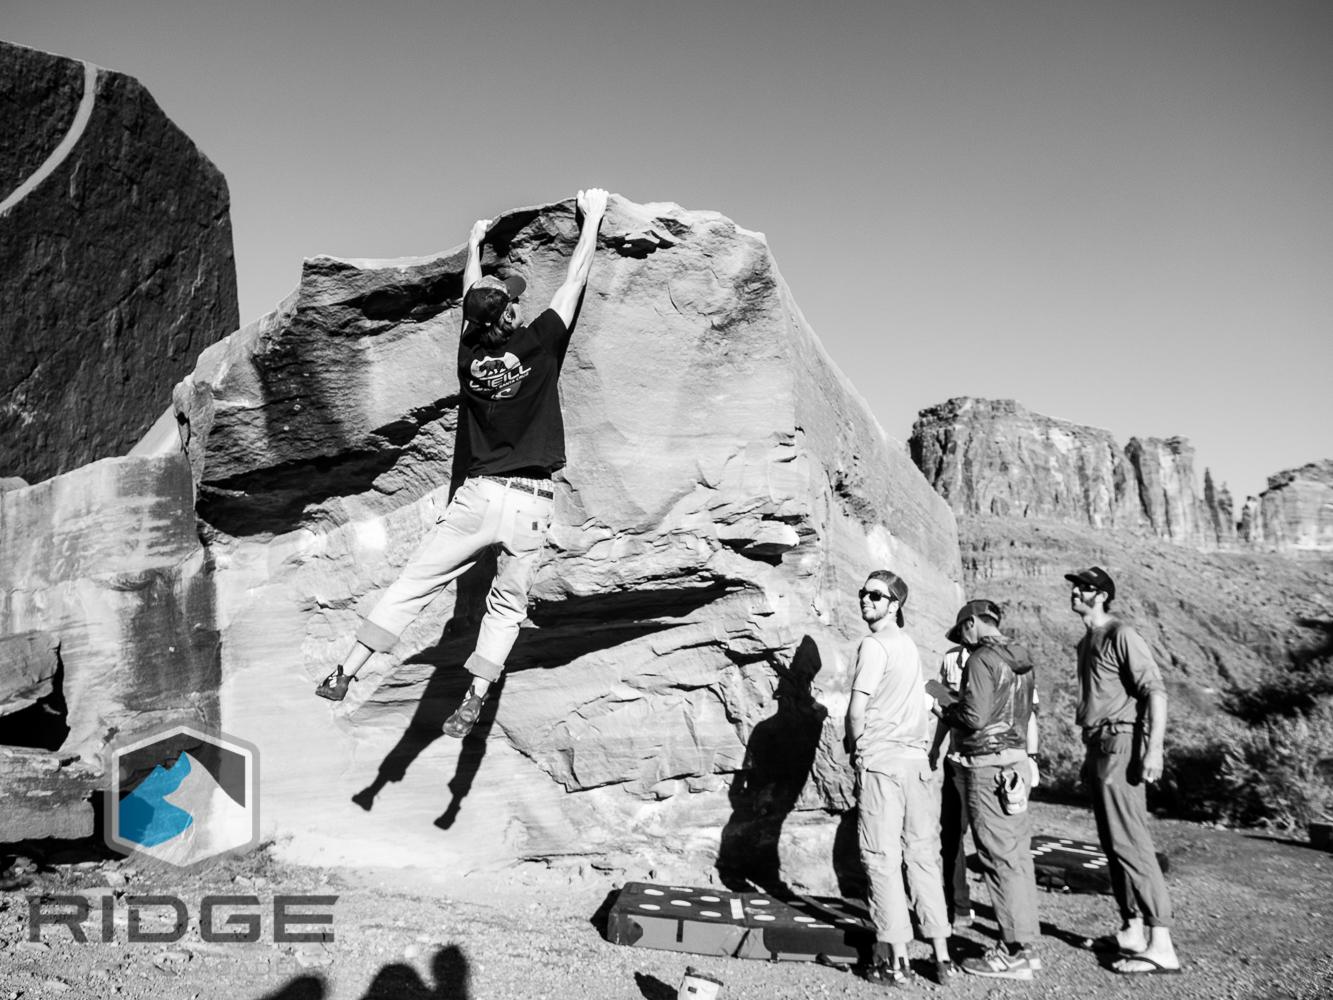 RIDGE in Moab, fall 2015-33.JPG